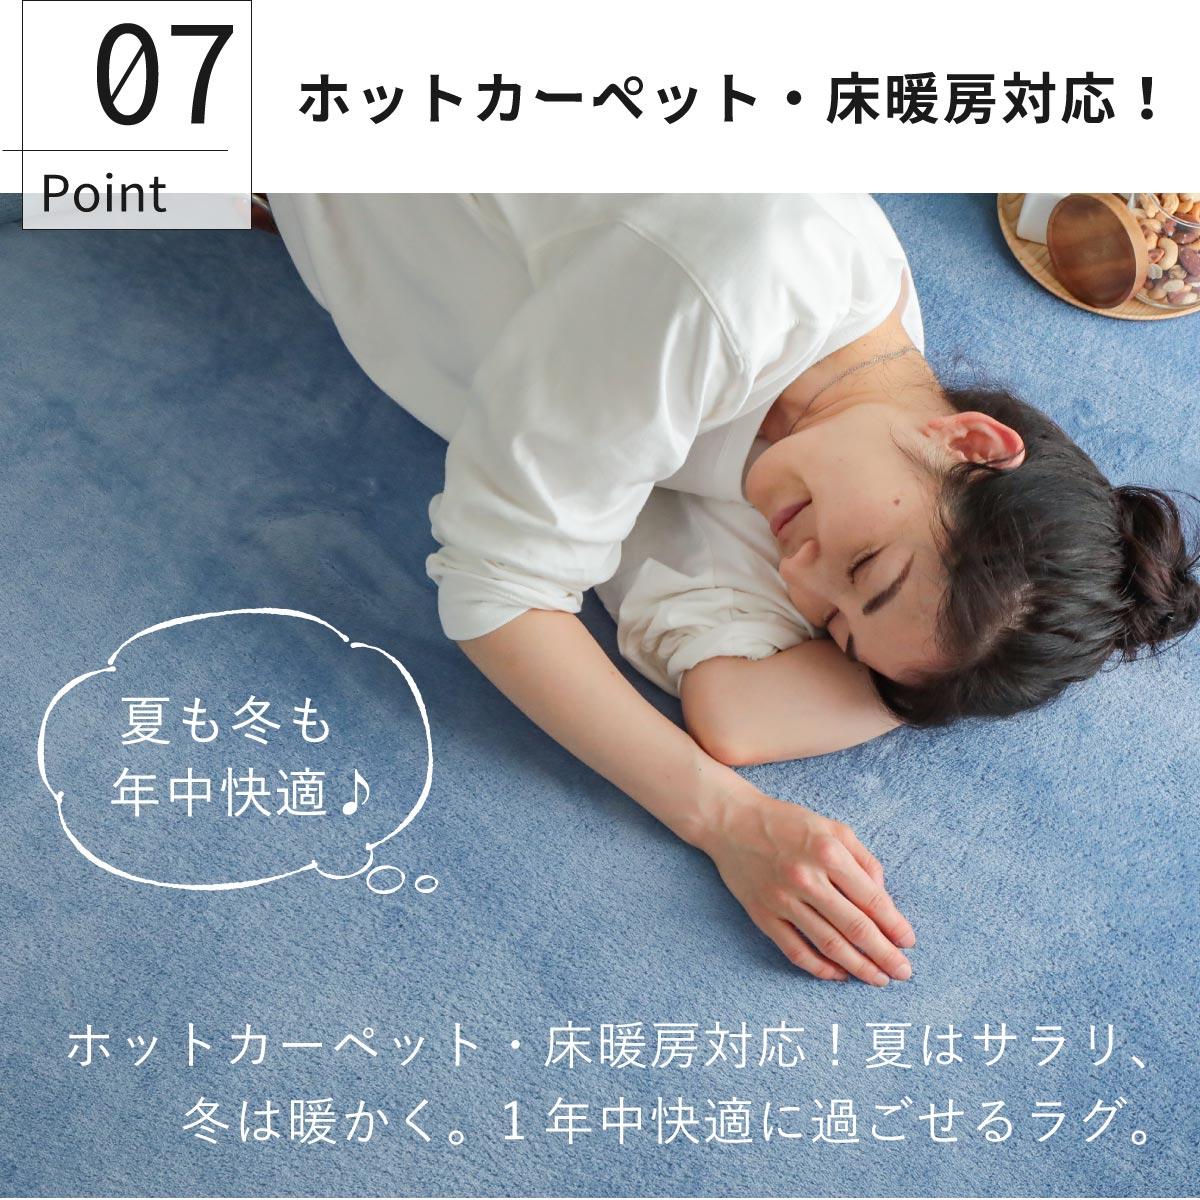 ホットカーペット床暖房対応